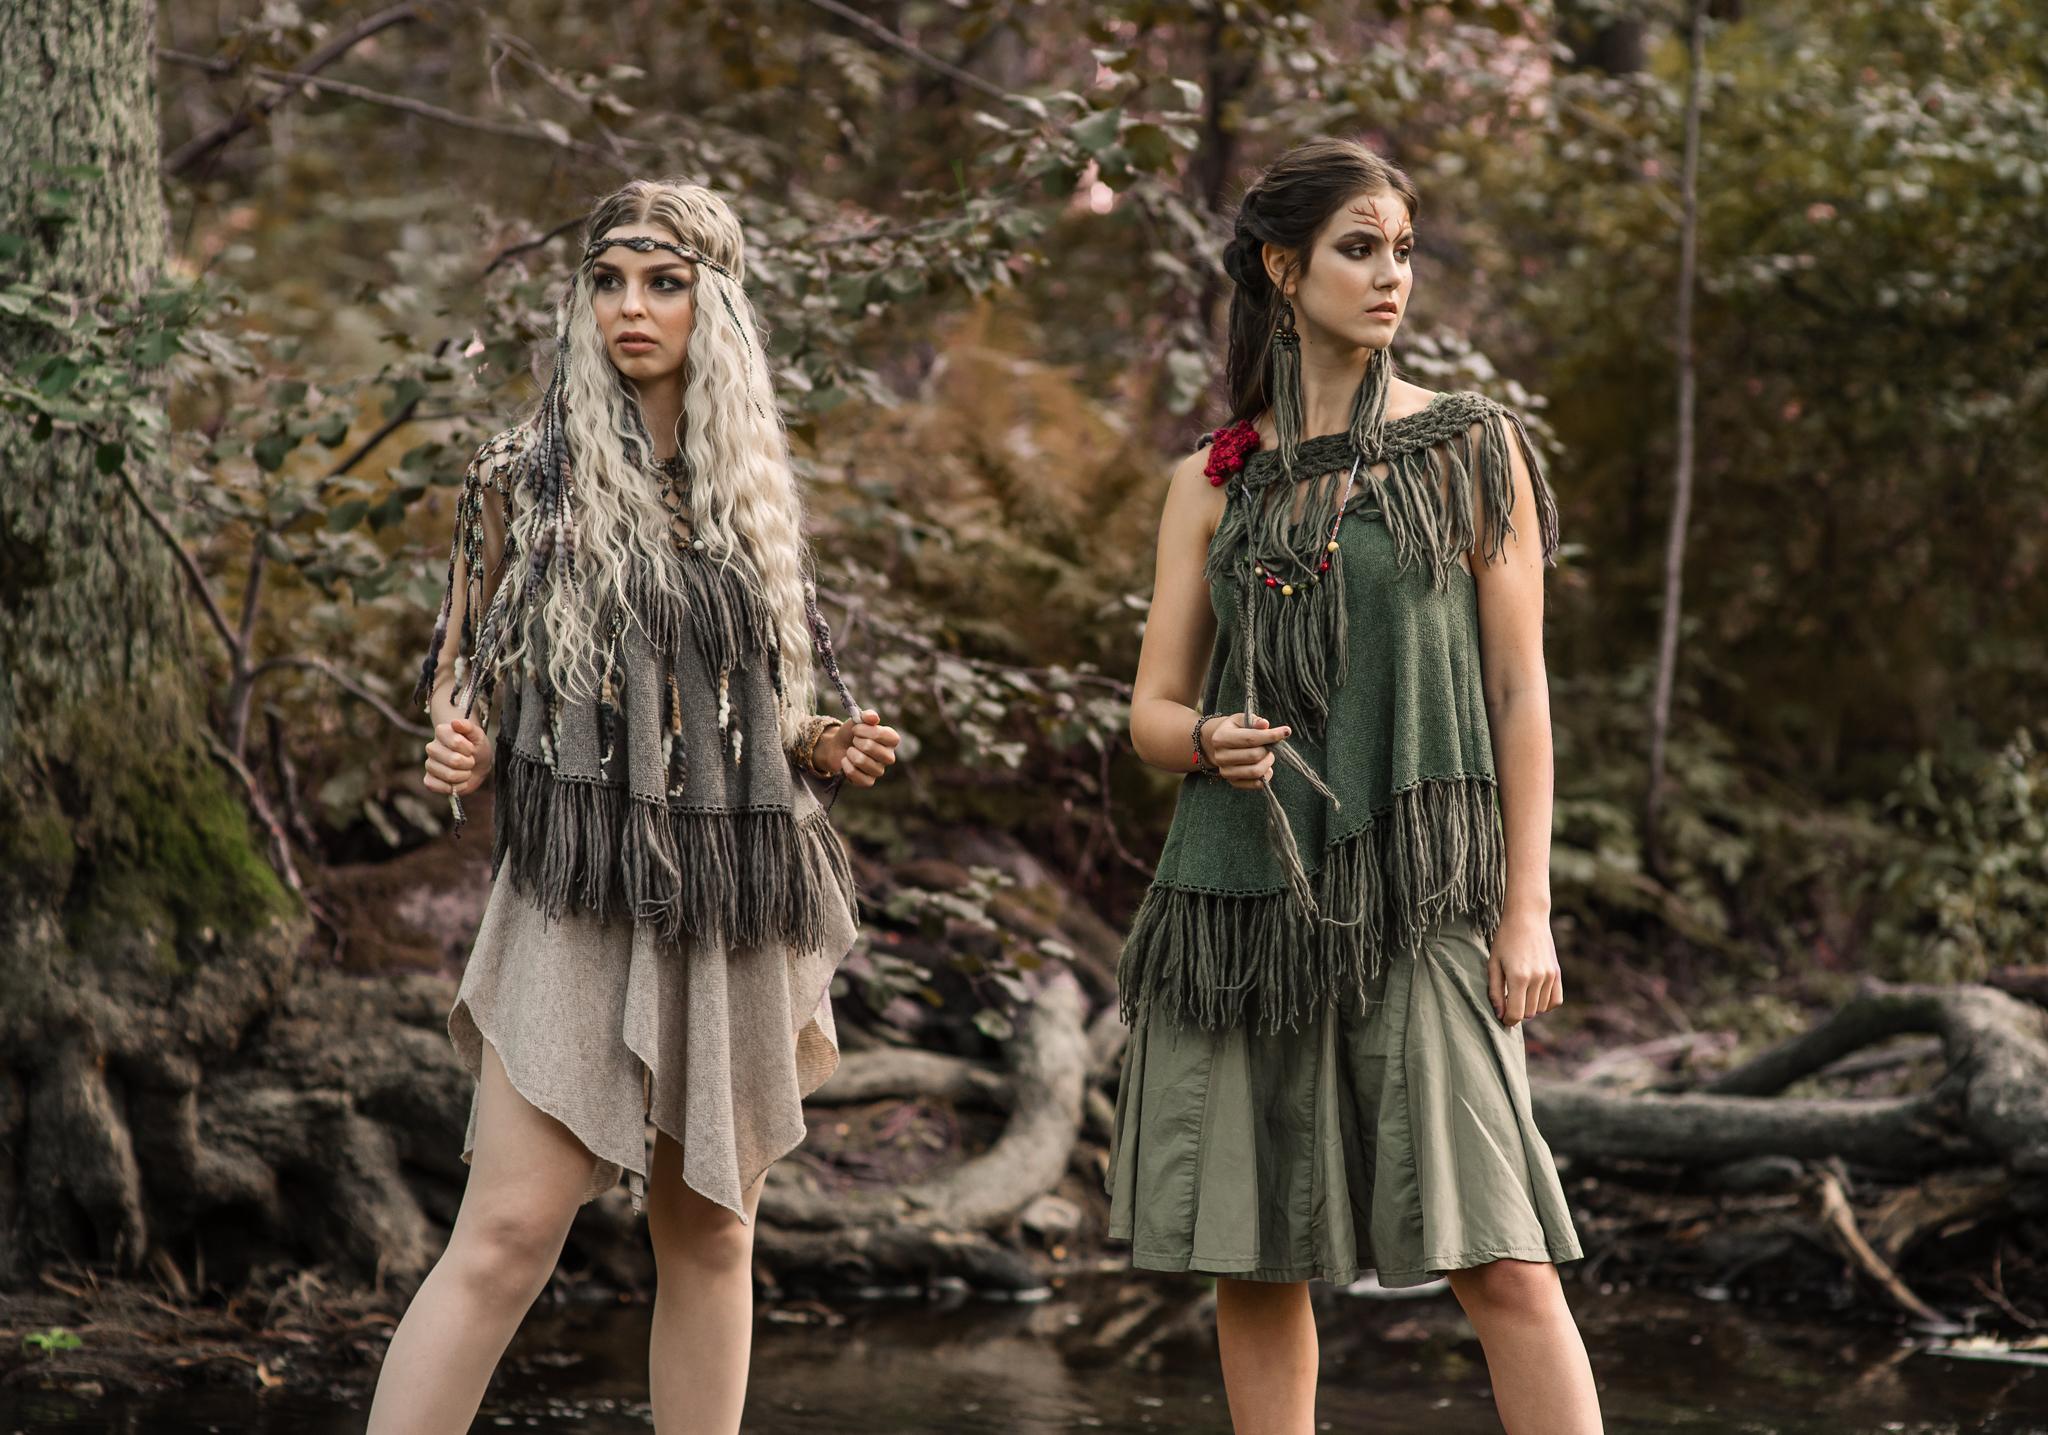 Design: Mai Niemi Design MUAH: Tiina Willman Models: Vivian Virkki & Marietta Minetti